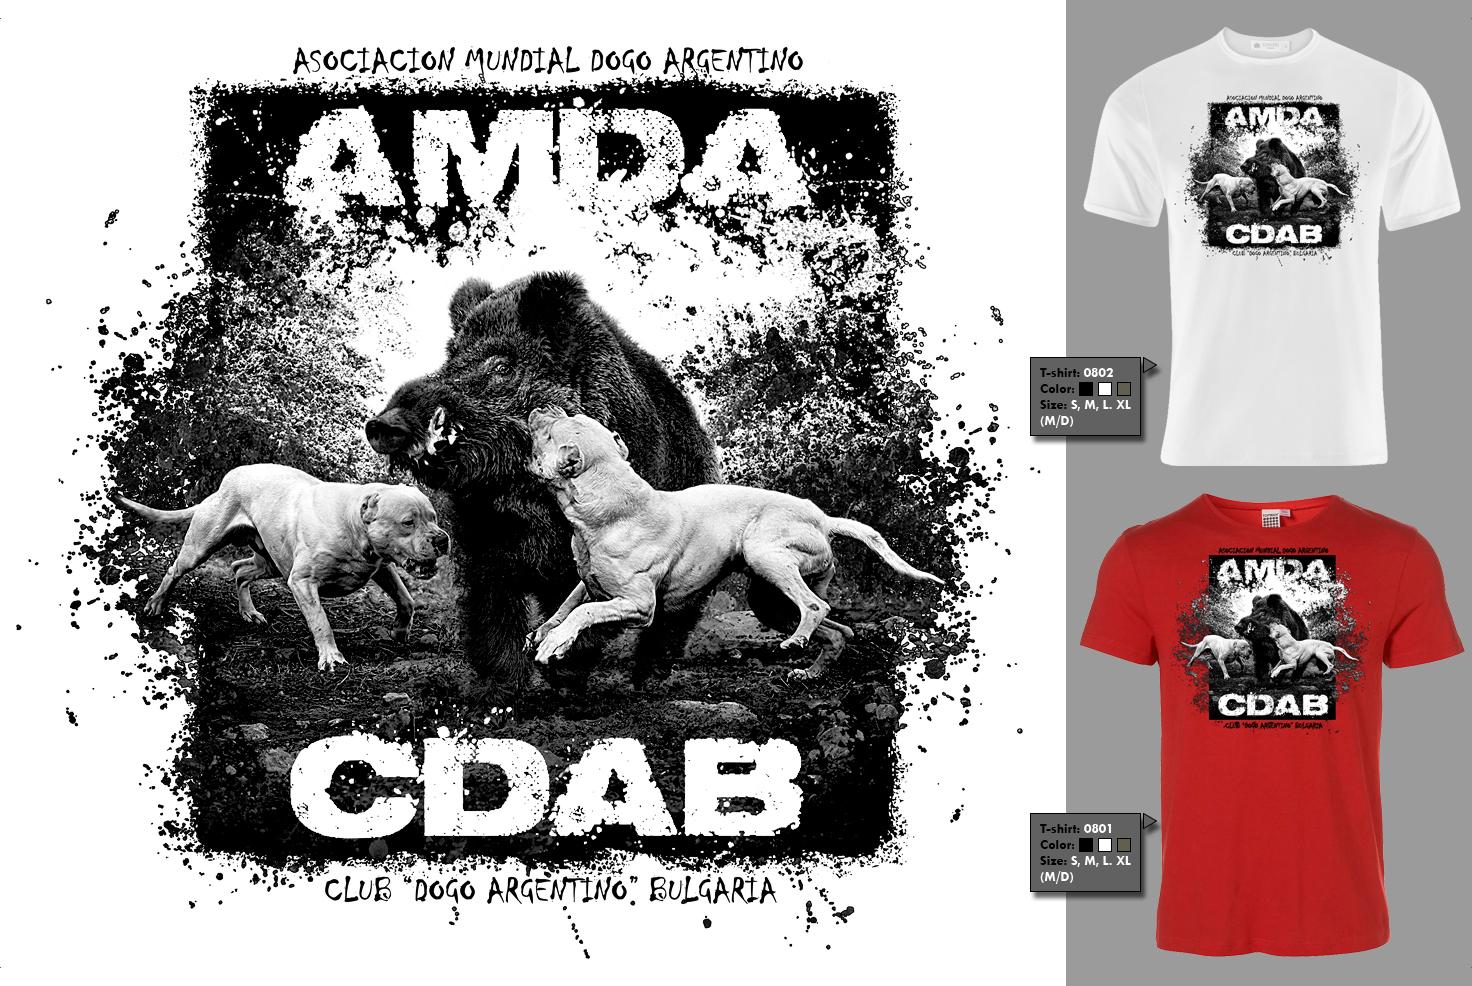 AMDA / CDAB